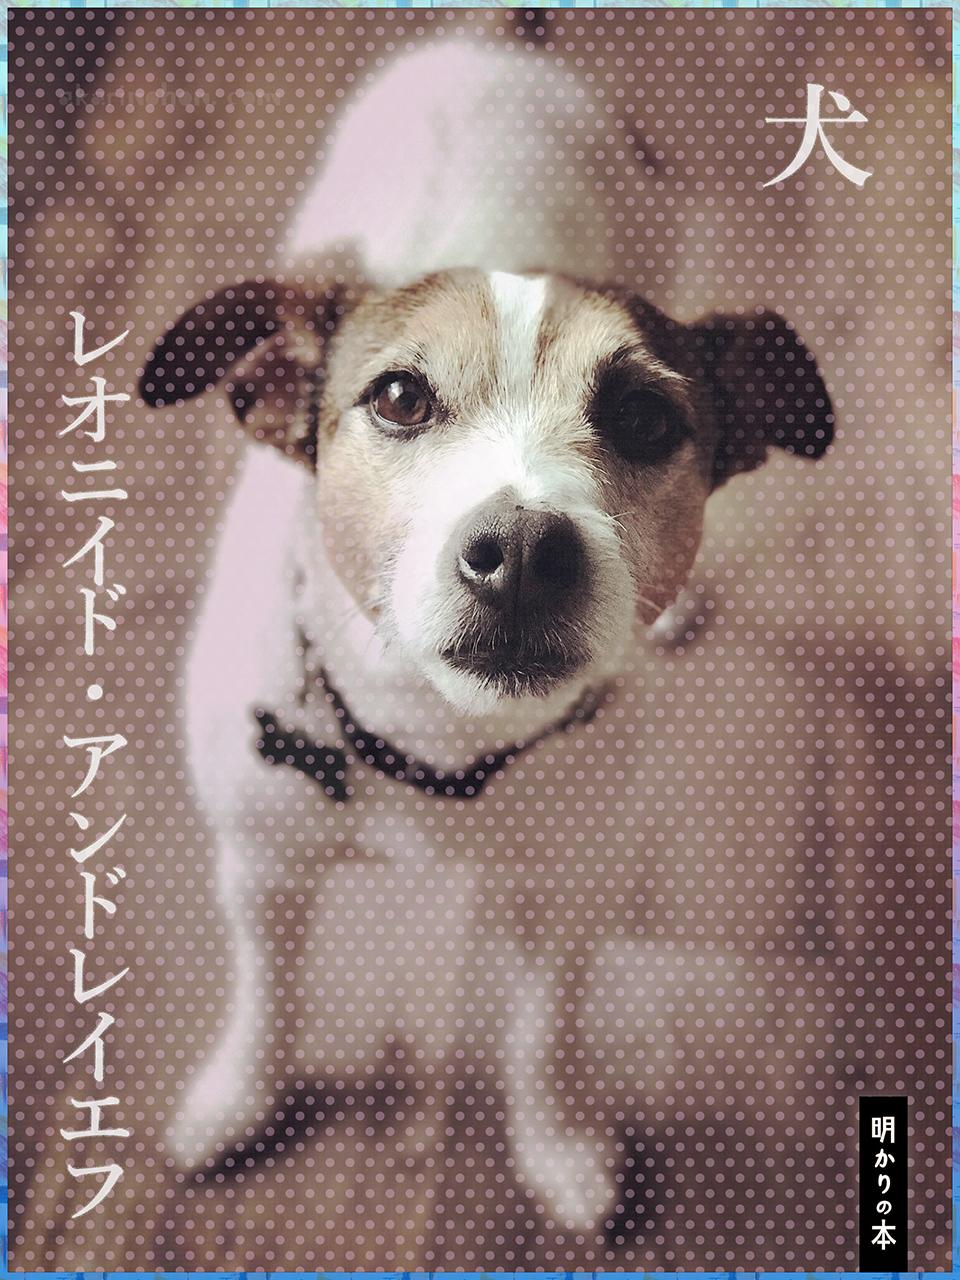 0000 - 犬 レオニイド・アンドレイエフ